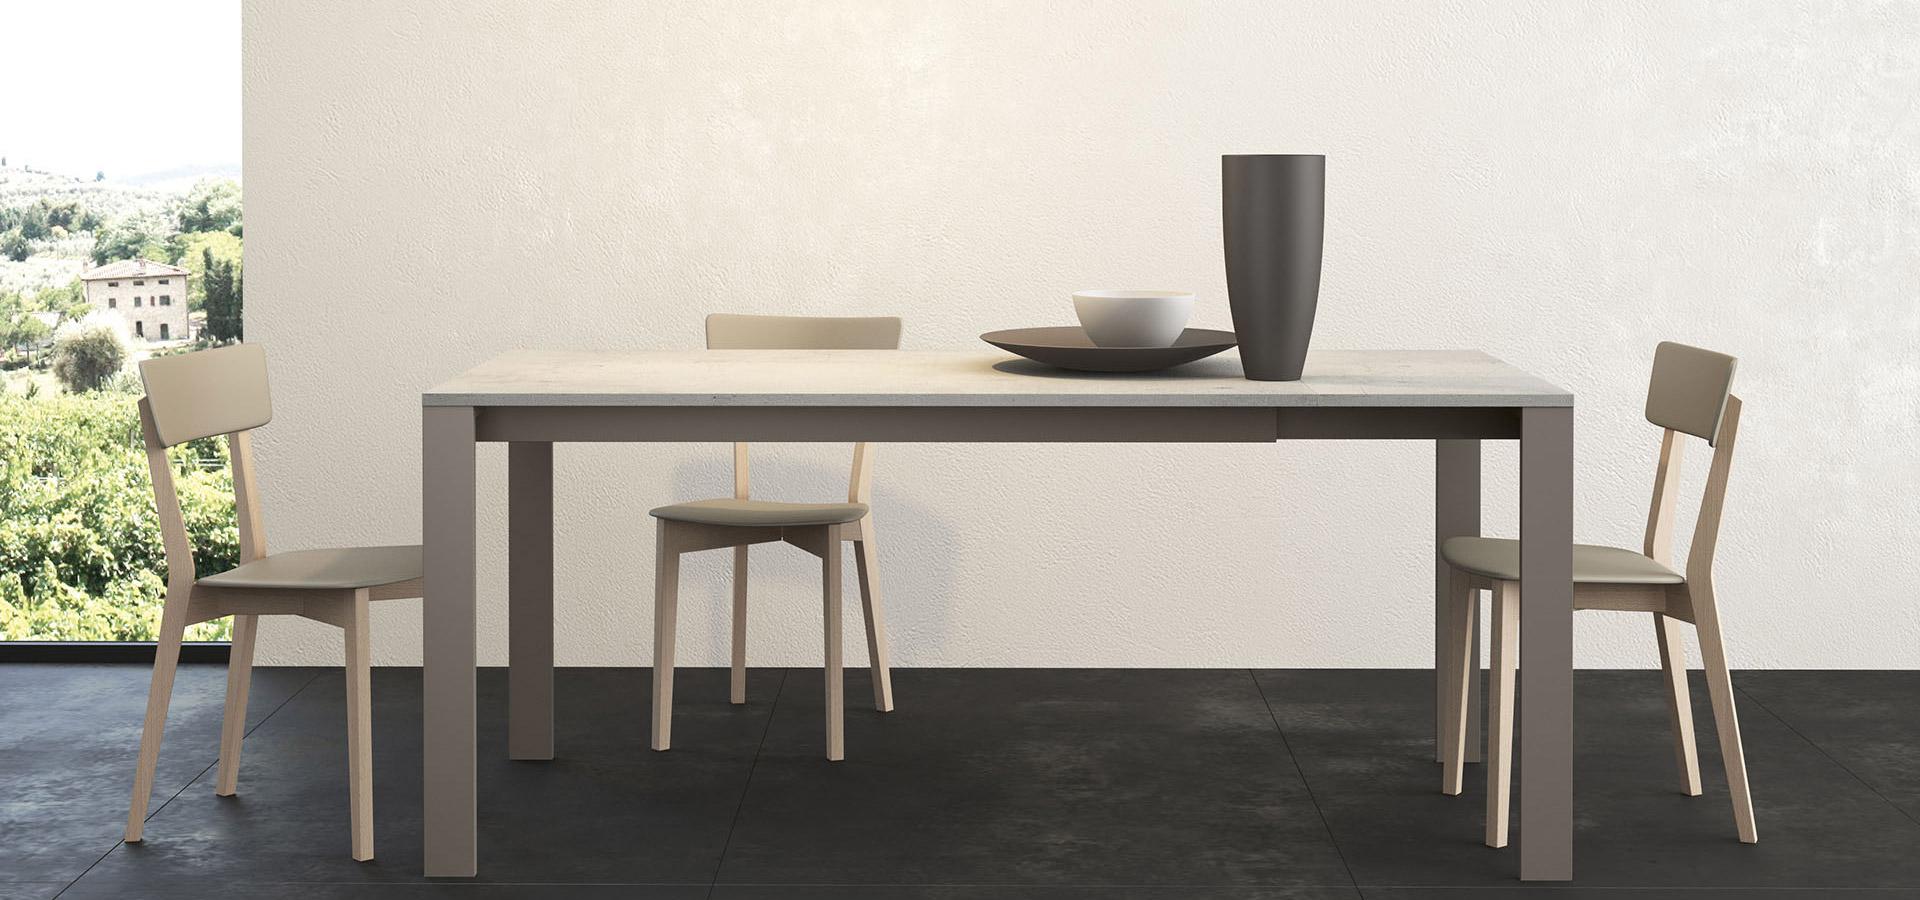 Mesas y sillas modernas d cocina huelva for Mesas y sillas modernas